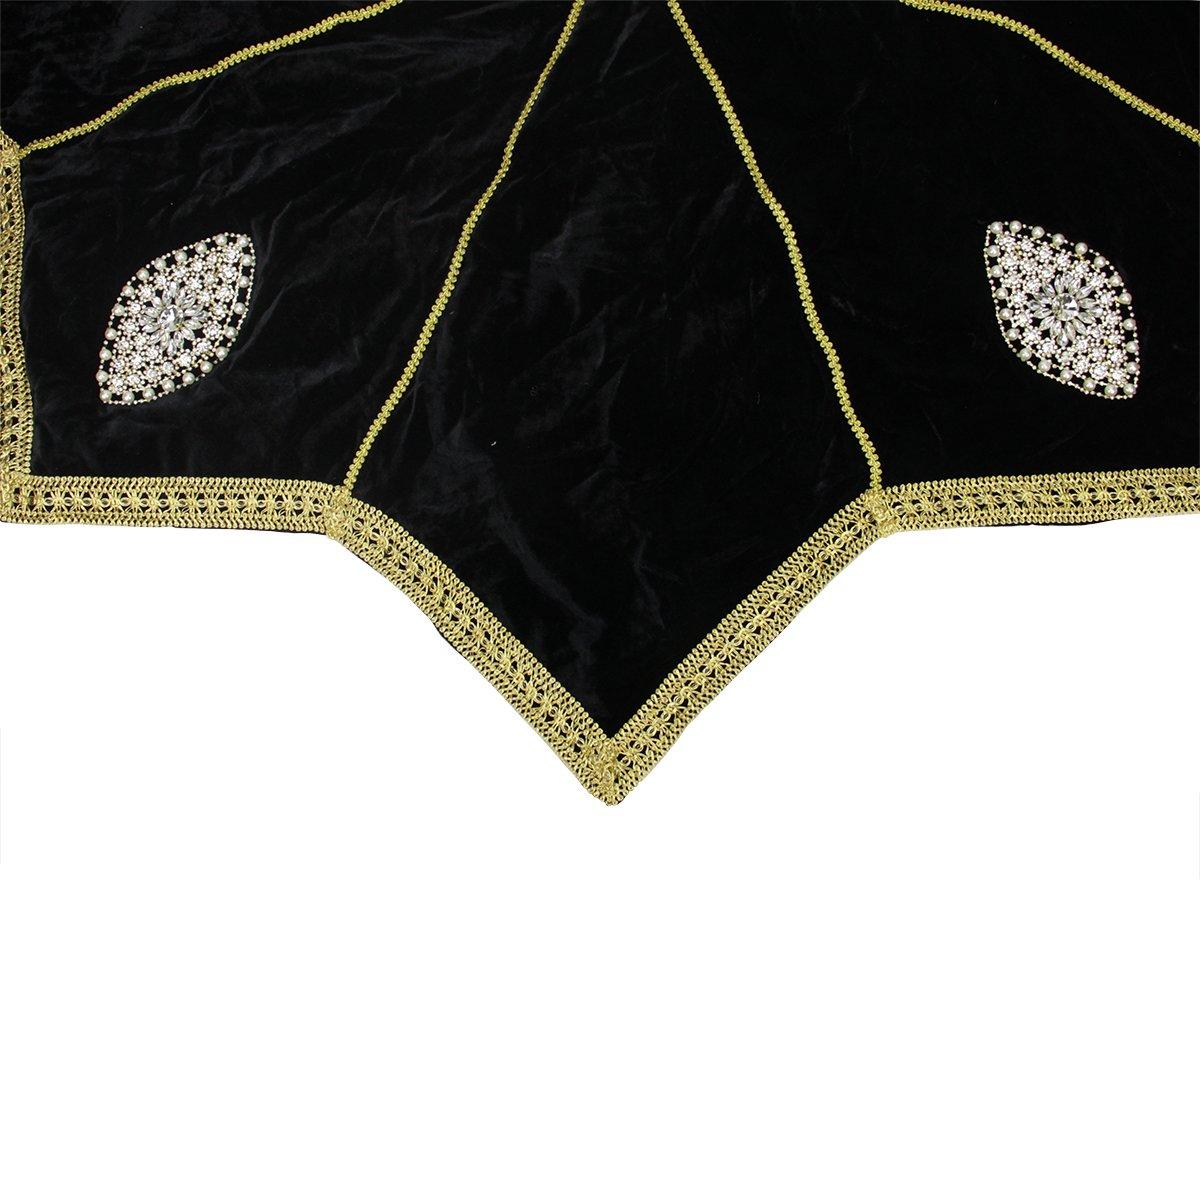 Elegant Gold Trimmed Black Velveteen Jeweled Christmas Tree Skirt